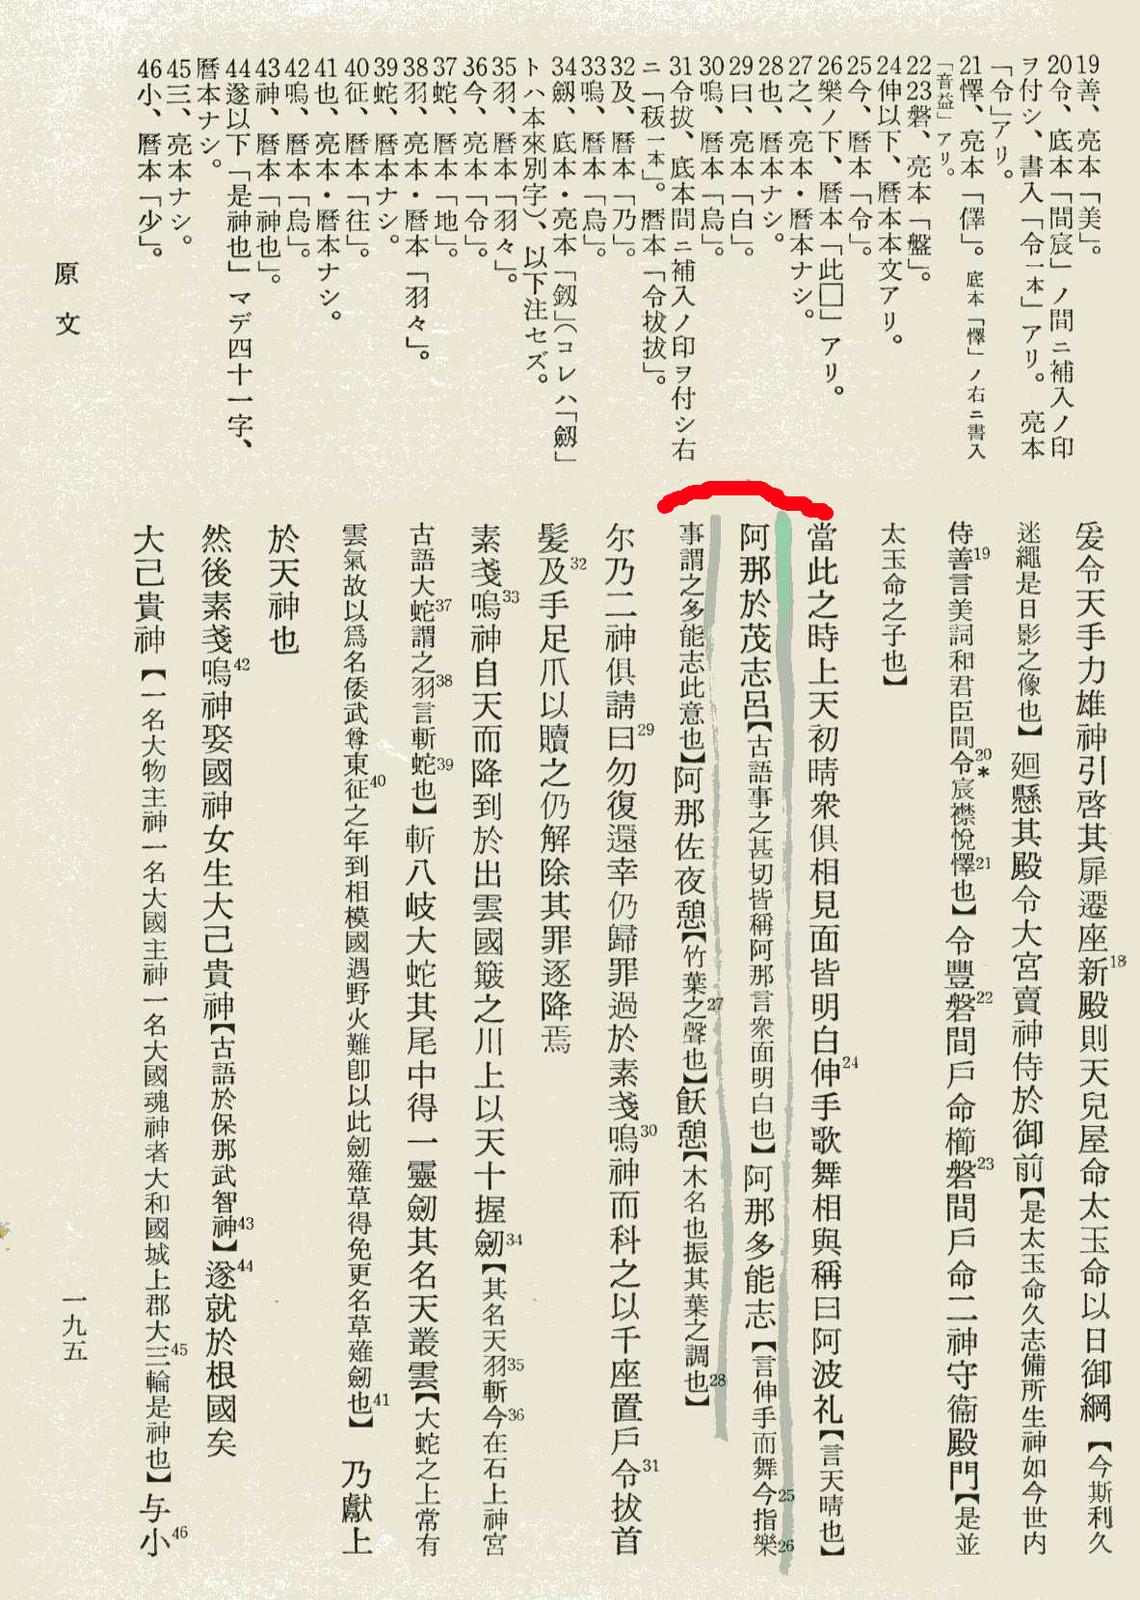 縄文文字 ヲシテ を 復活!: